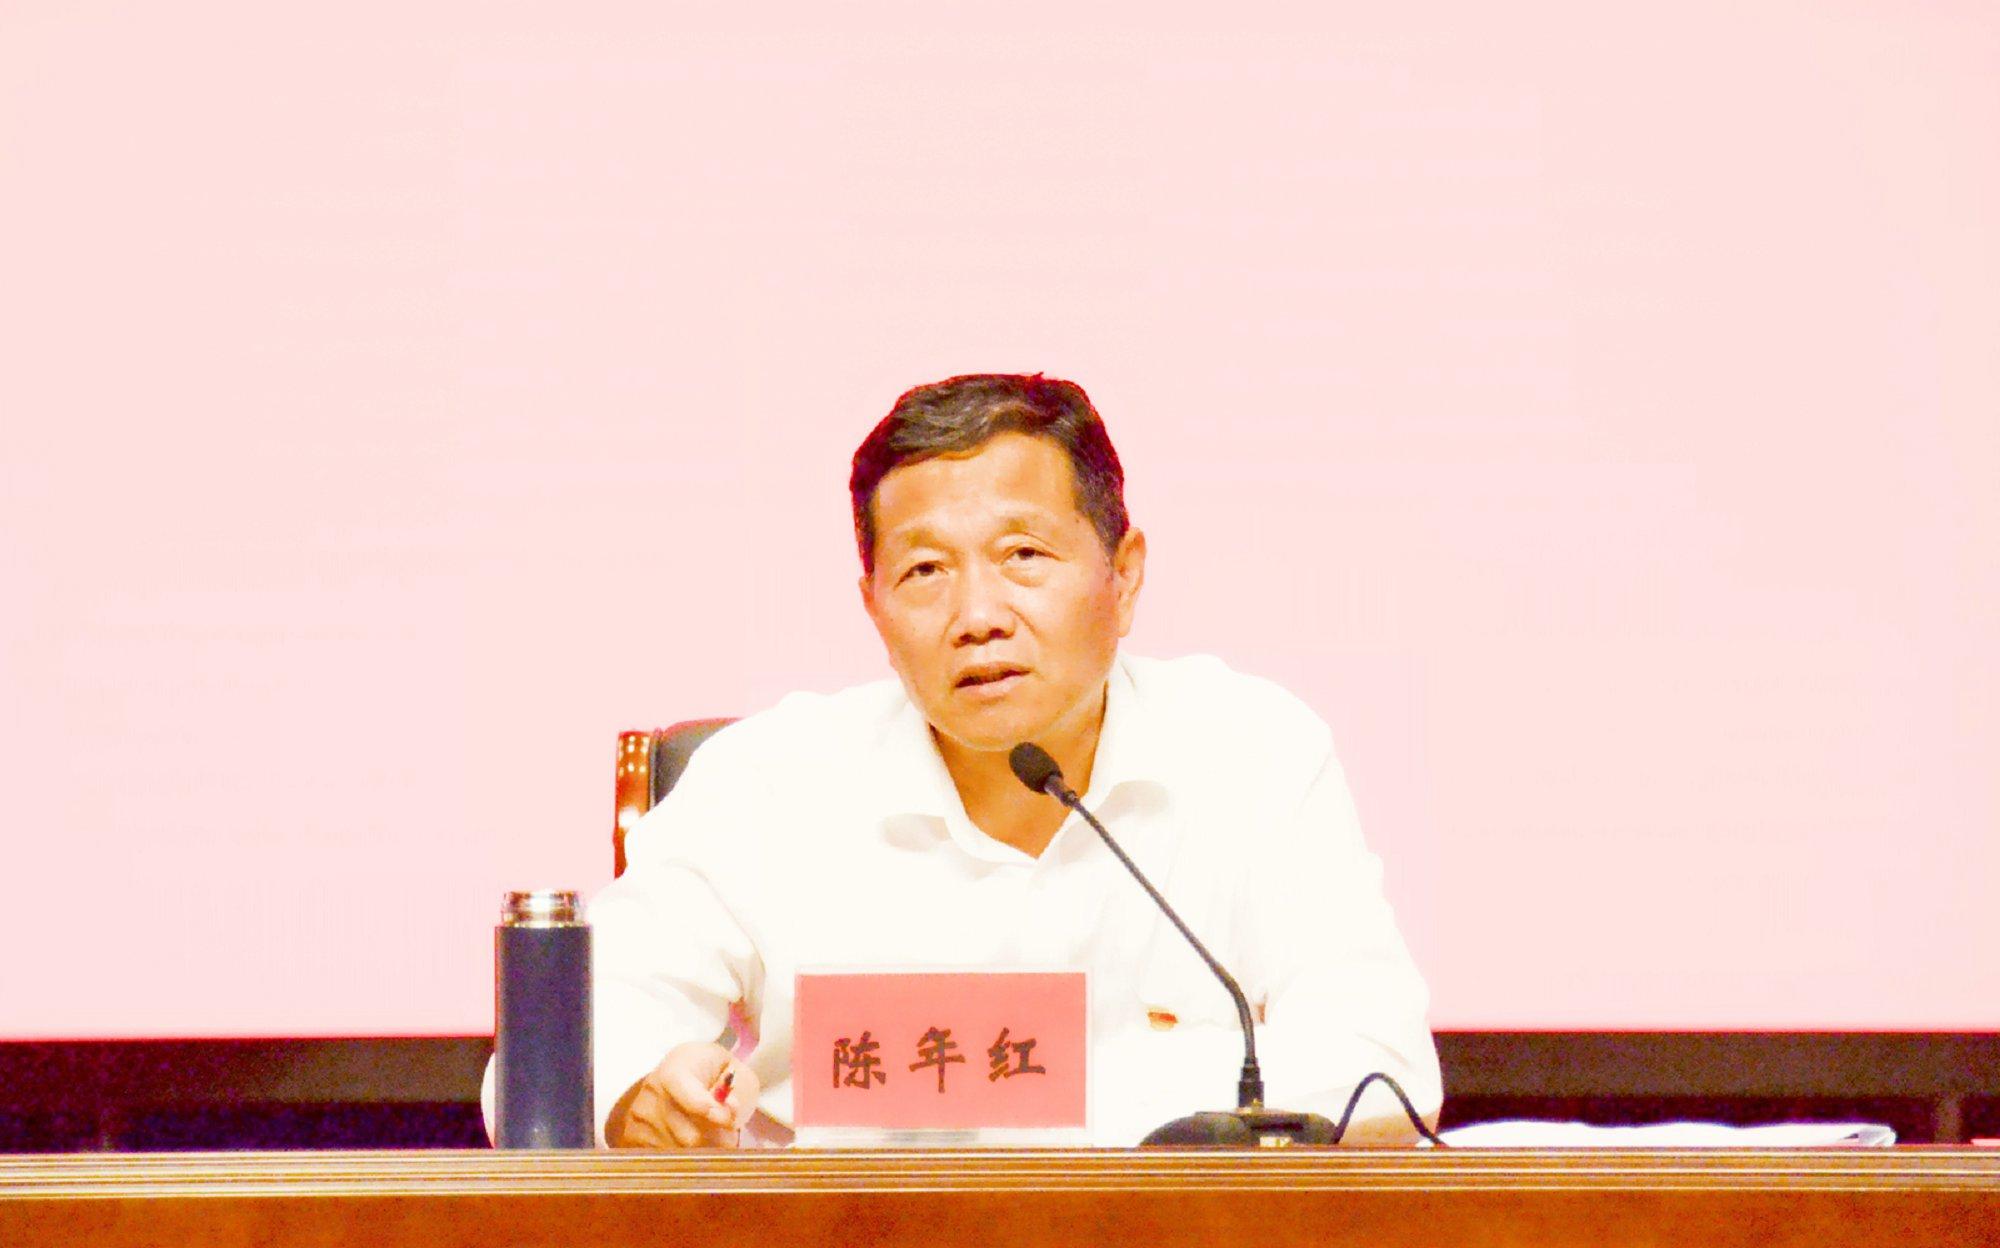 淮南师范学院隆重召开思想政治工作会议